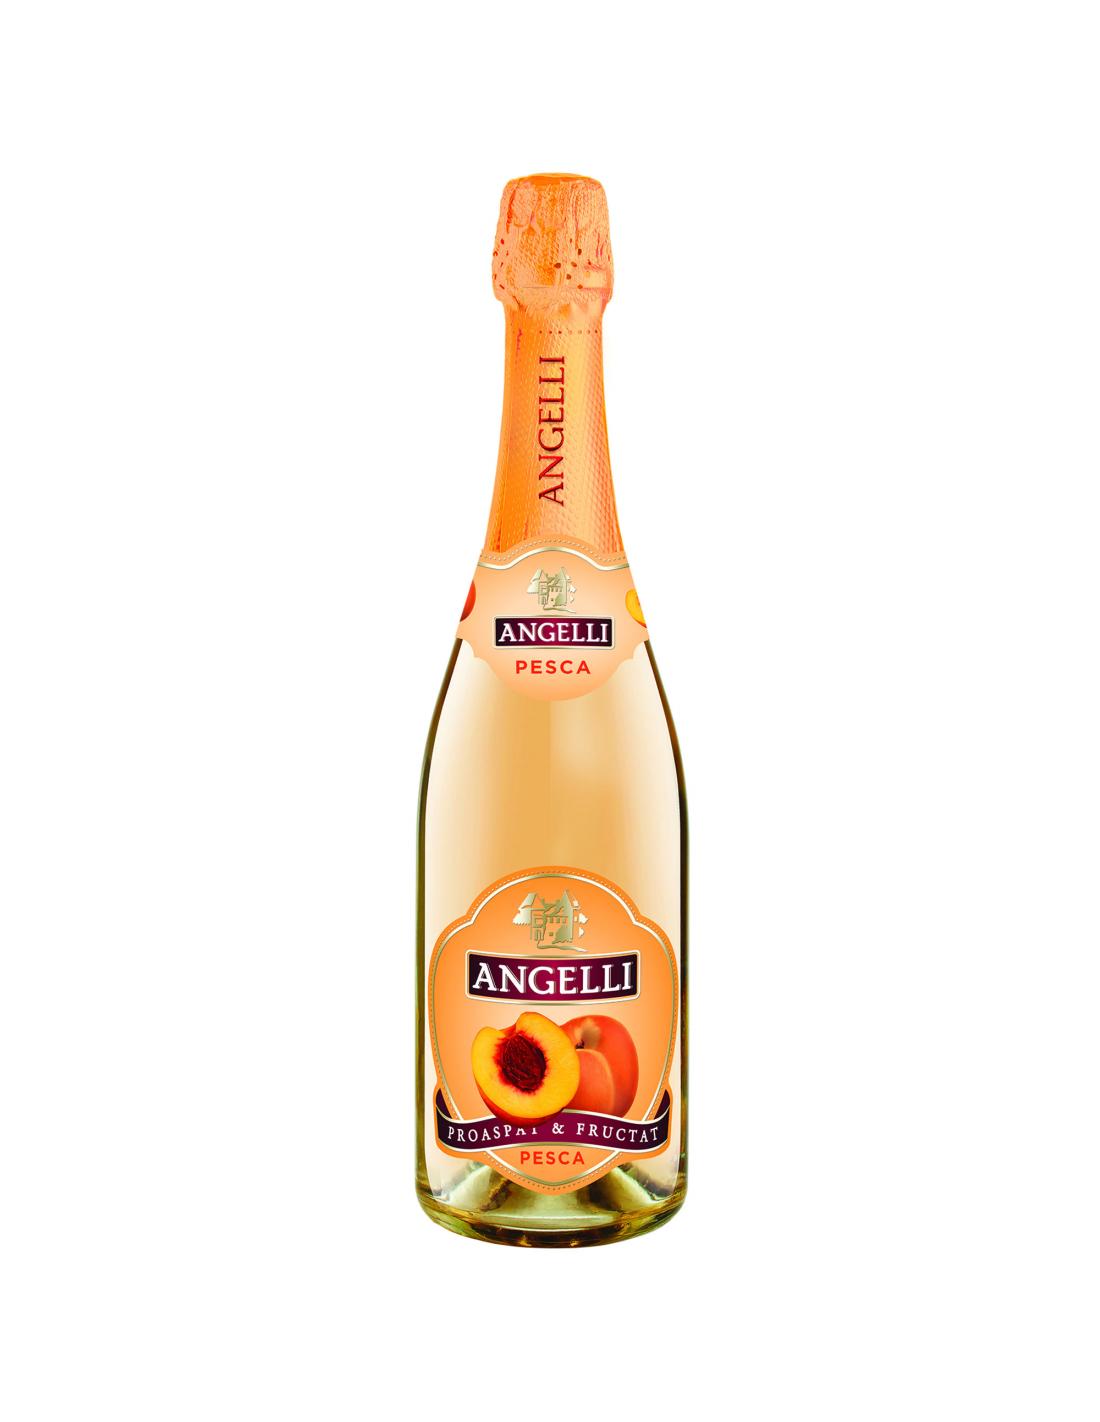 Cocktail Angelli cu aroma de piersica, 7% alc., 0.75L, Romania